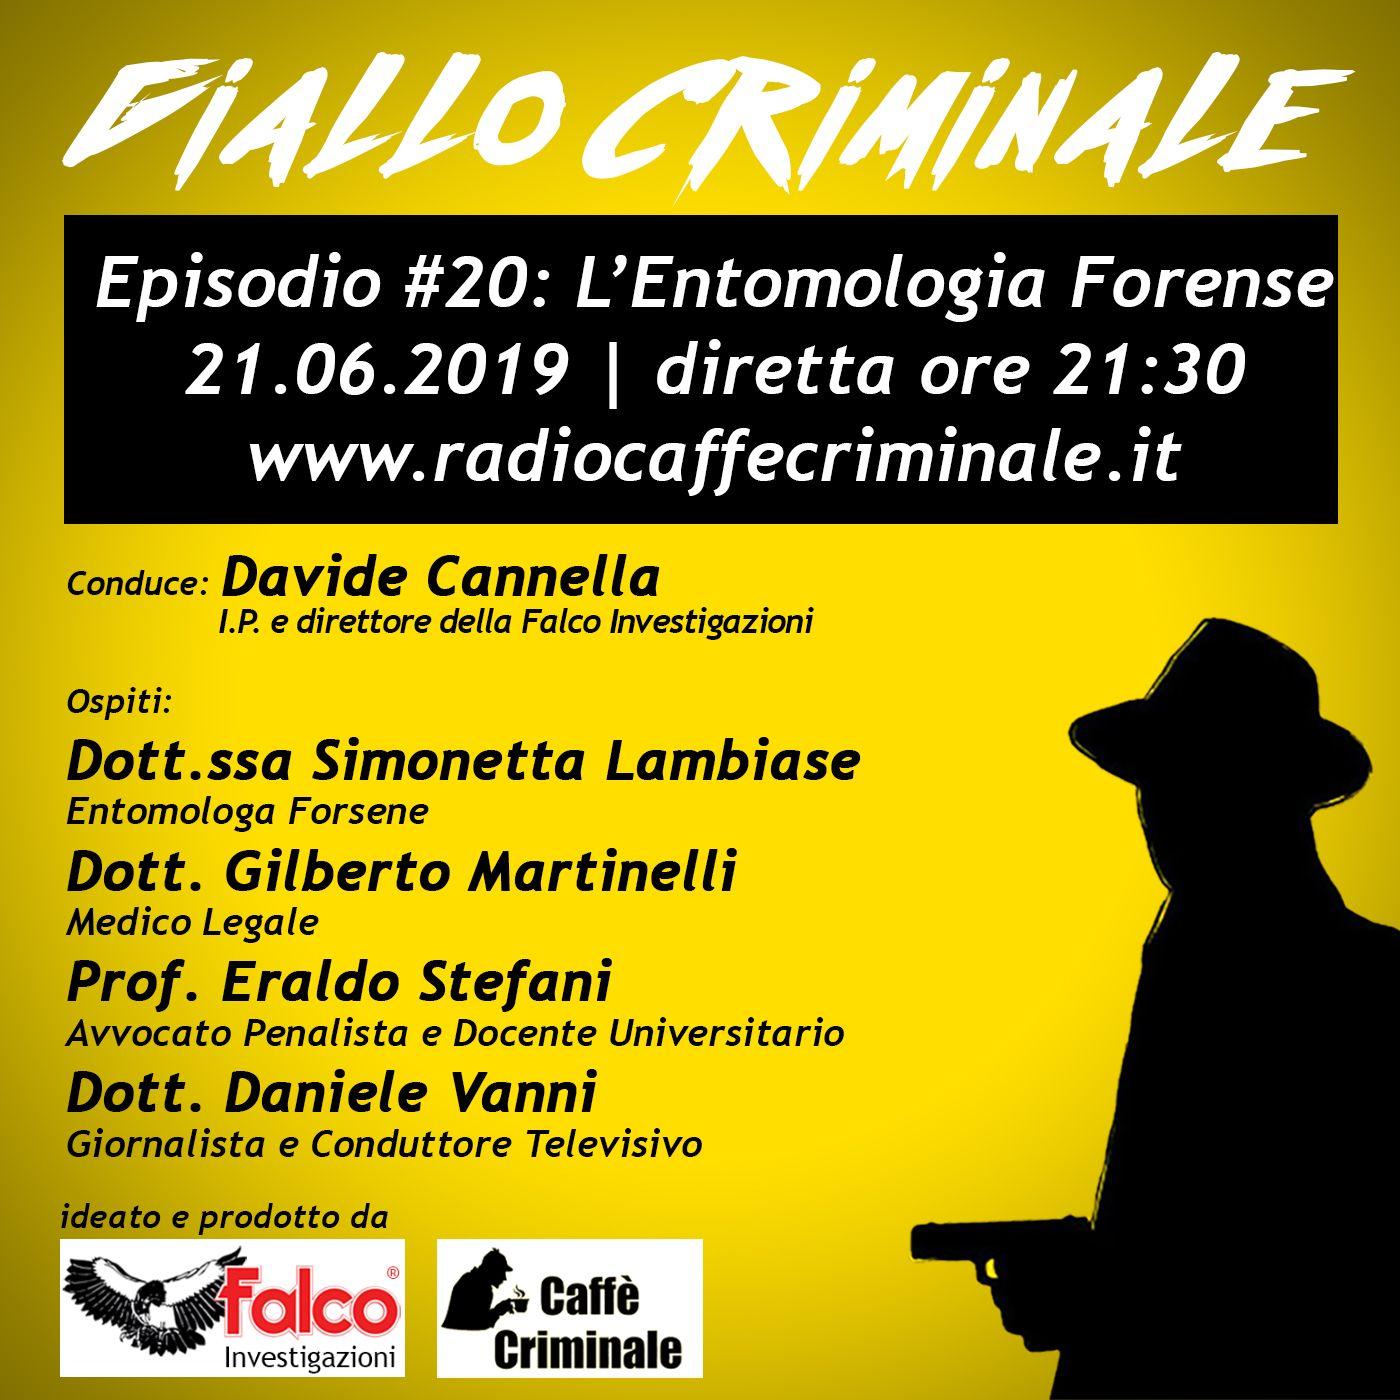 #20 Episodio | L'Entomologia Forense_21.06.2019